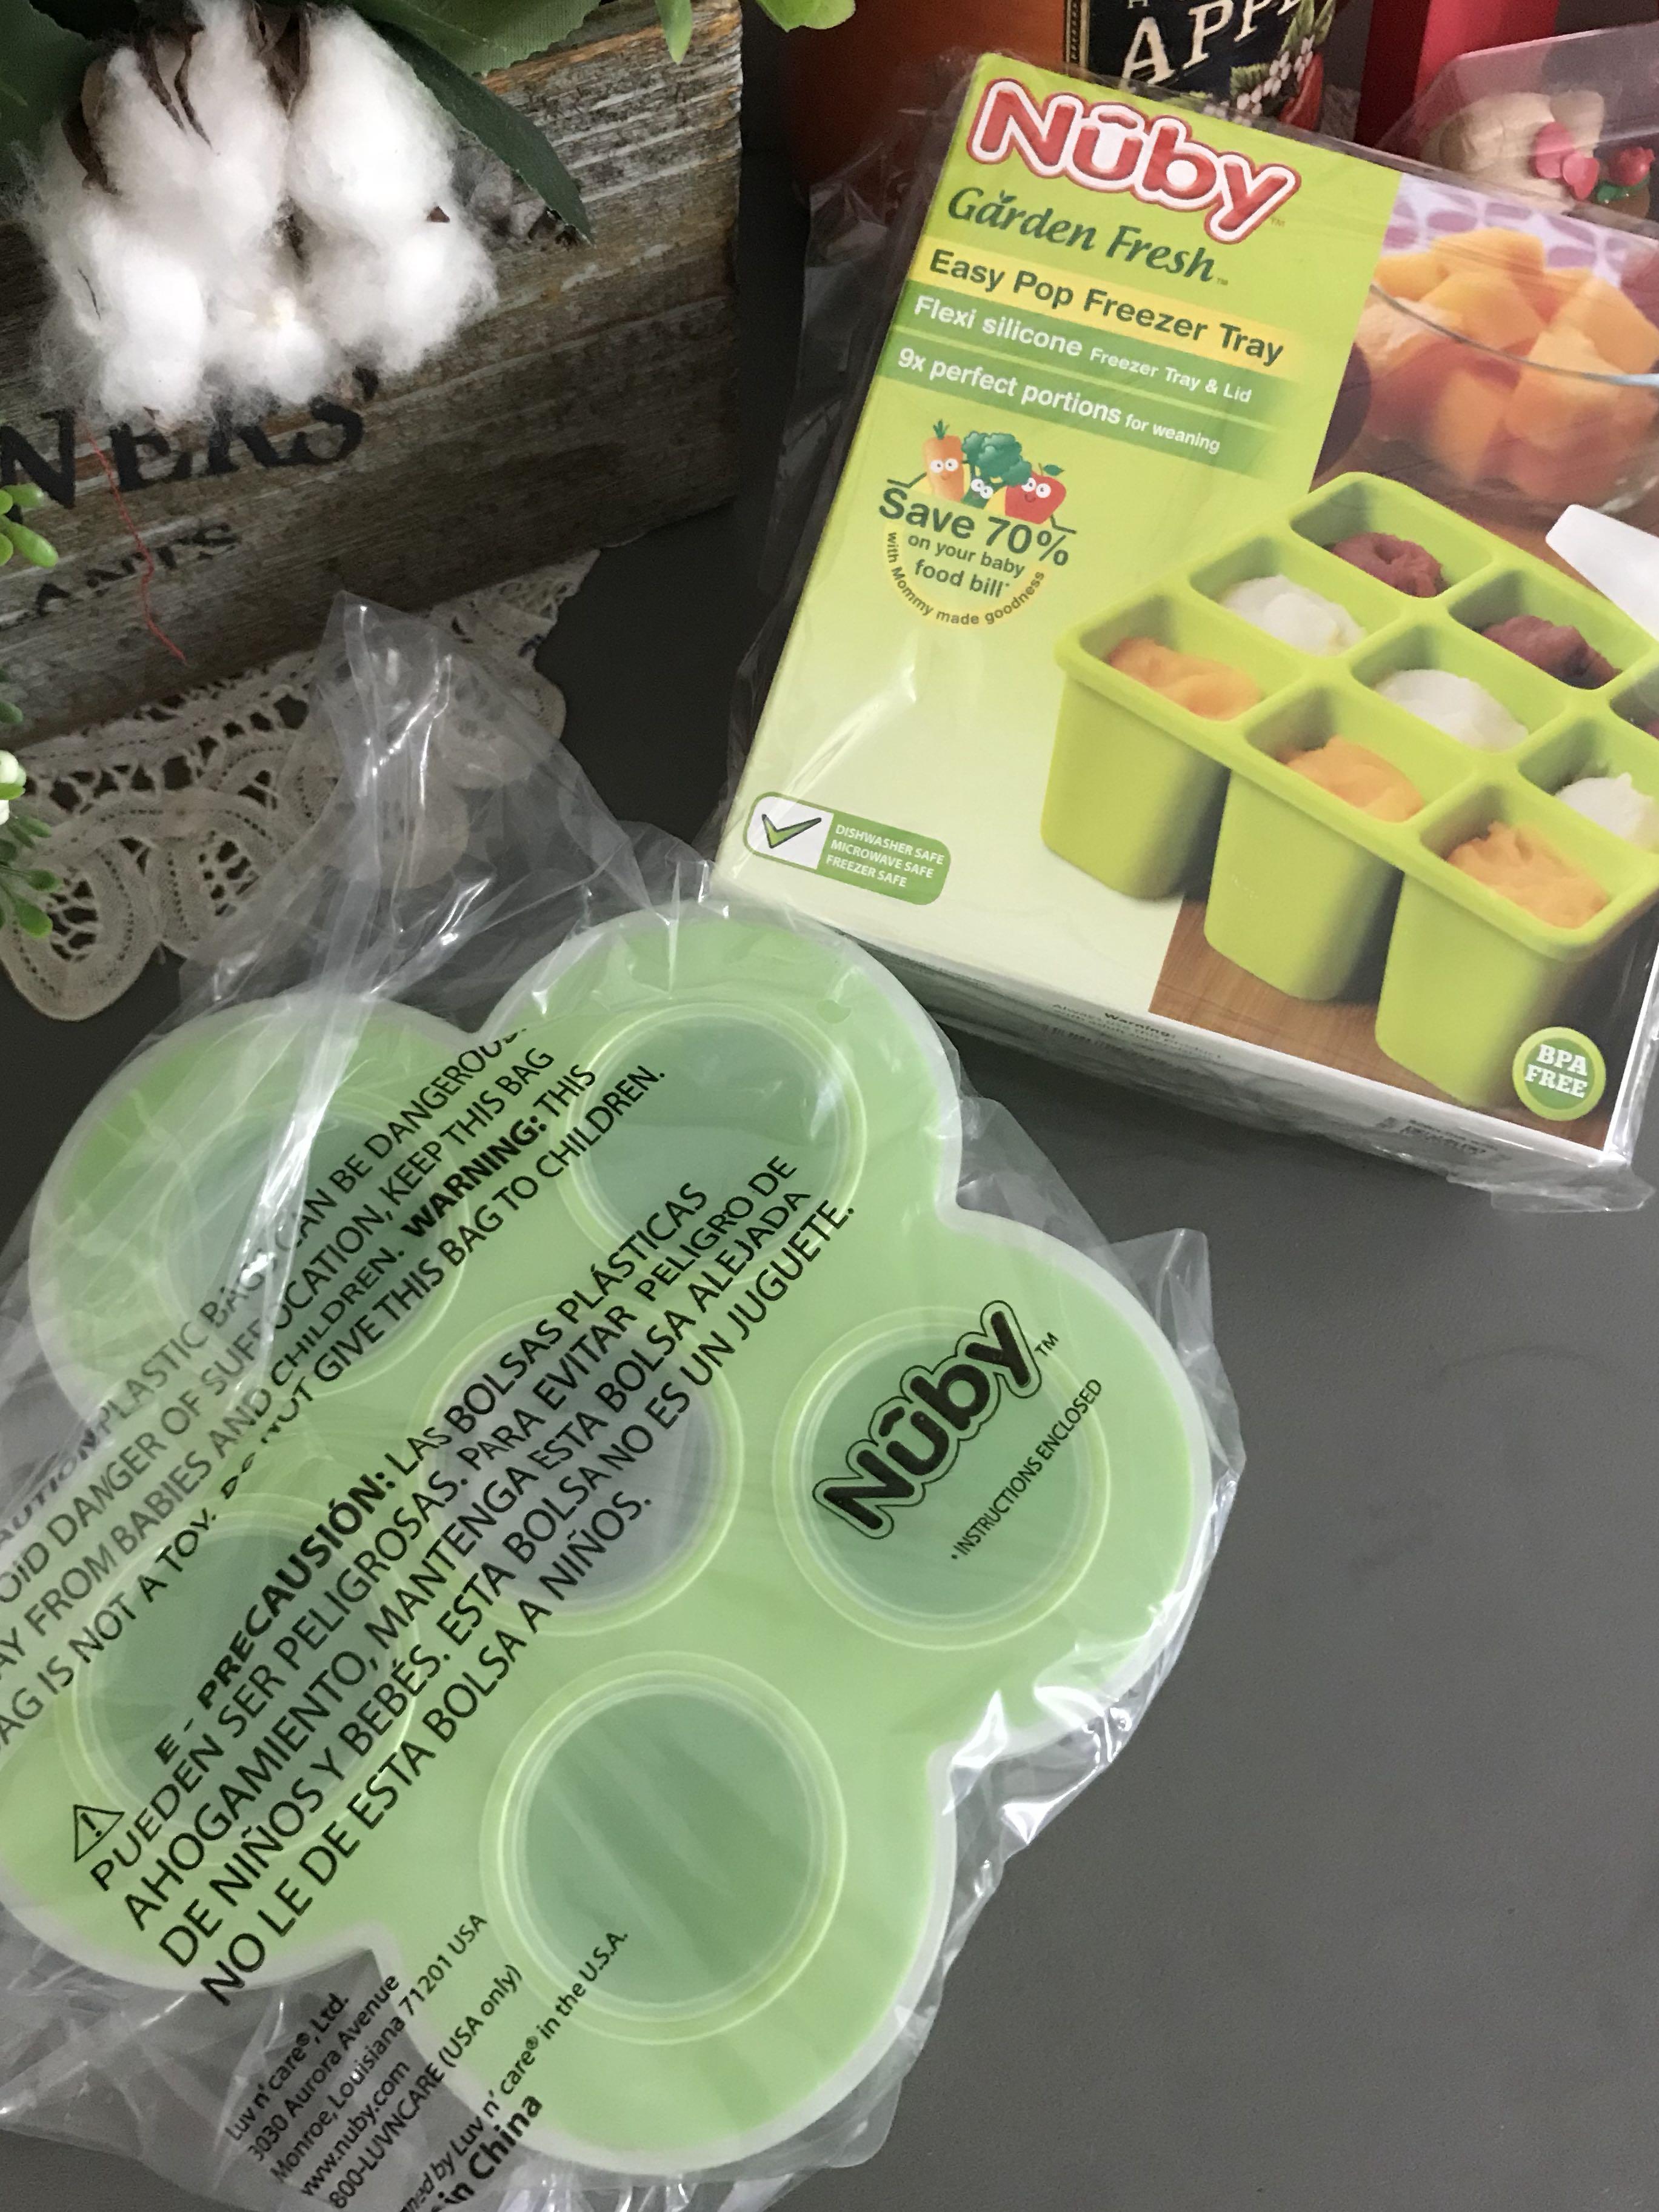 Nuby easy pop freezer tray